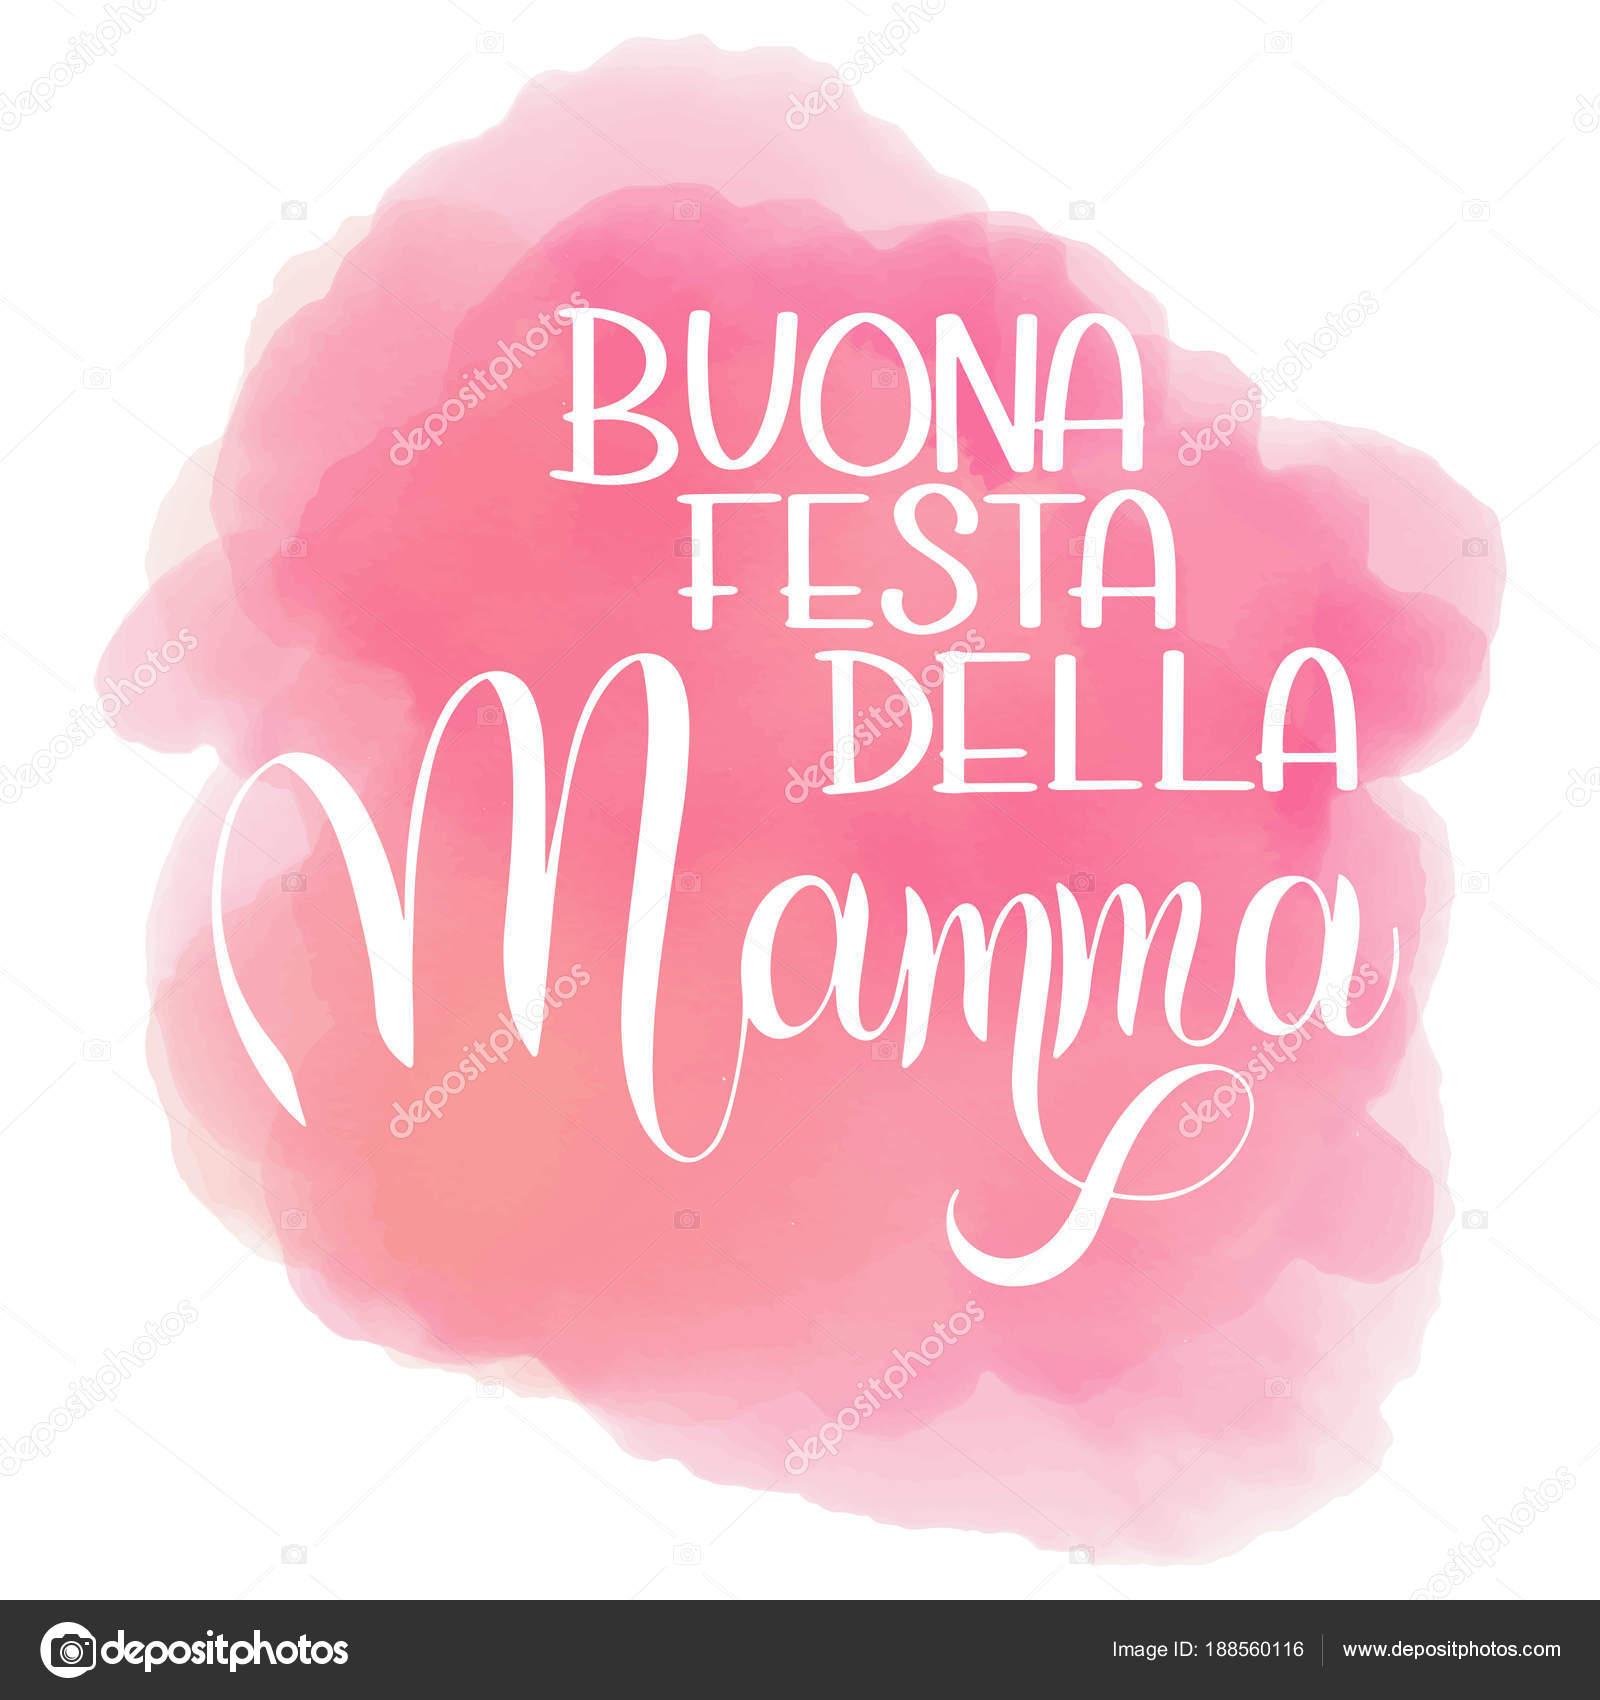 Carte Bonne Fete En Italien.Heureuse Mere Jour Lettrage Image Vectorielle Kandella C 188560116